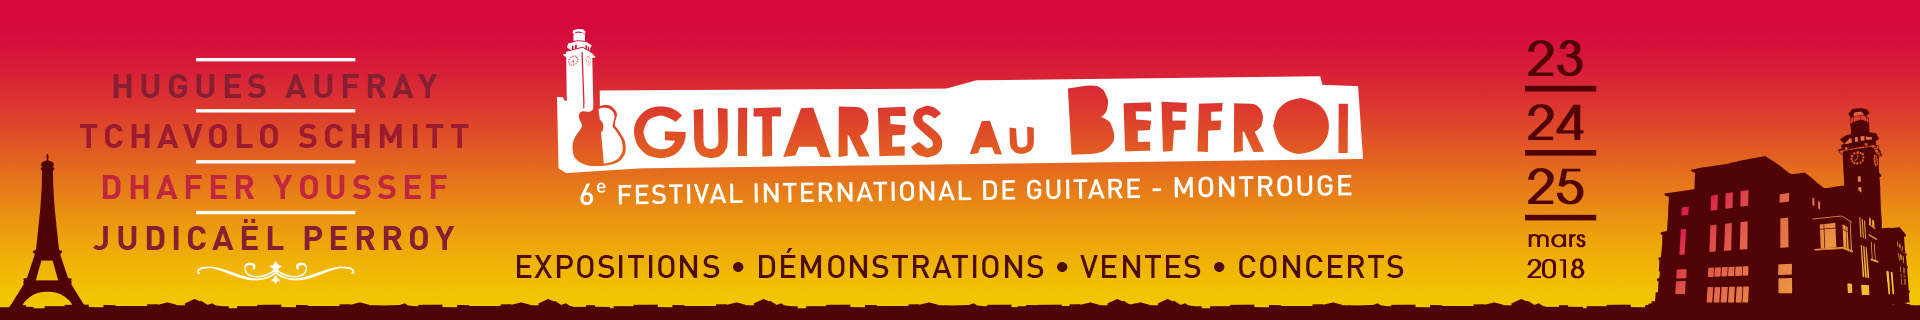 festival Guitares au Beffroi 2018 Paris